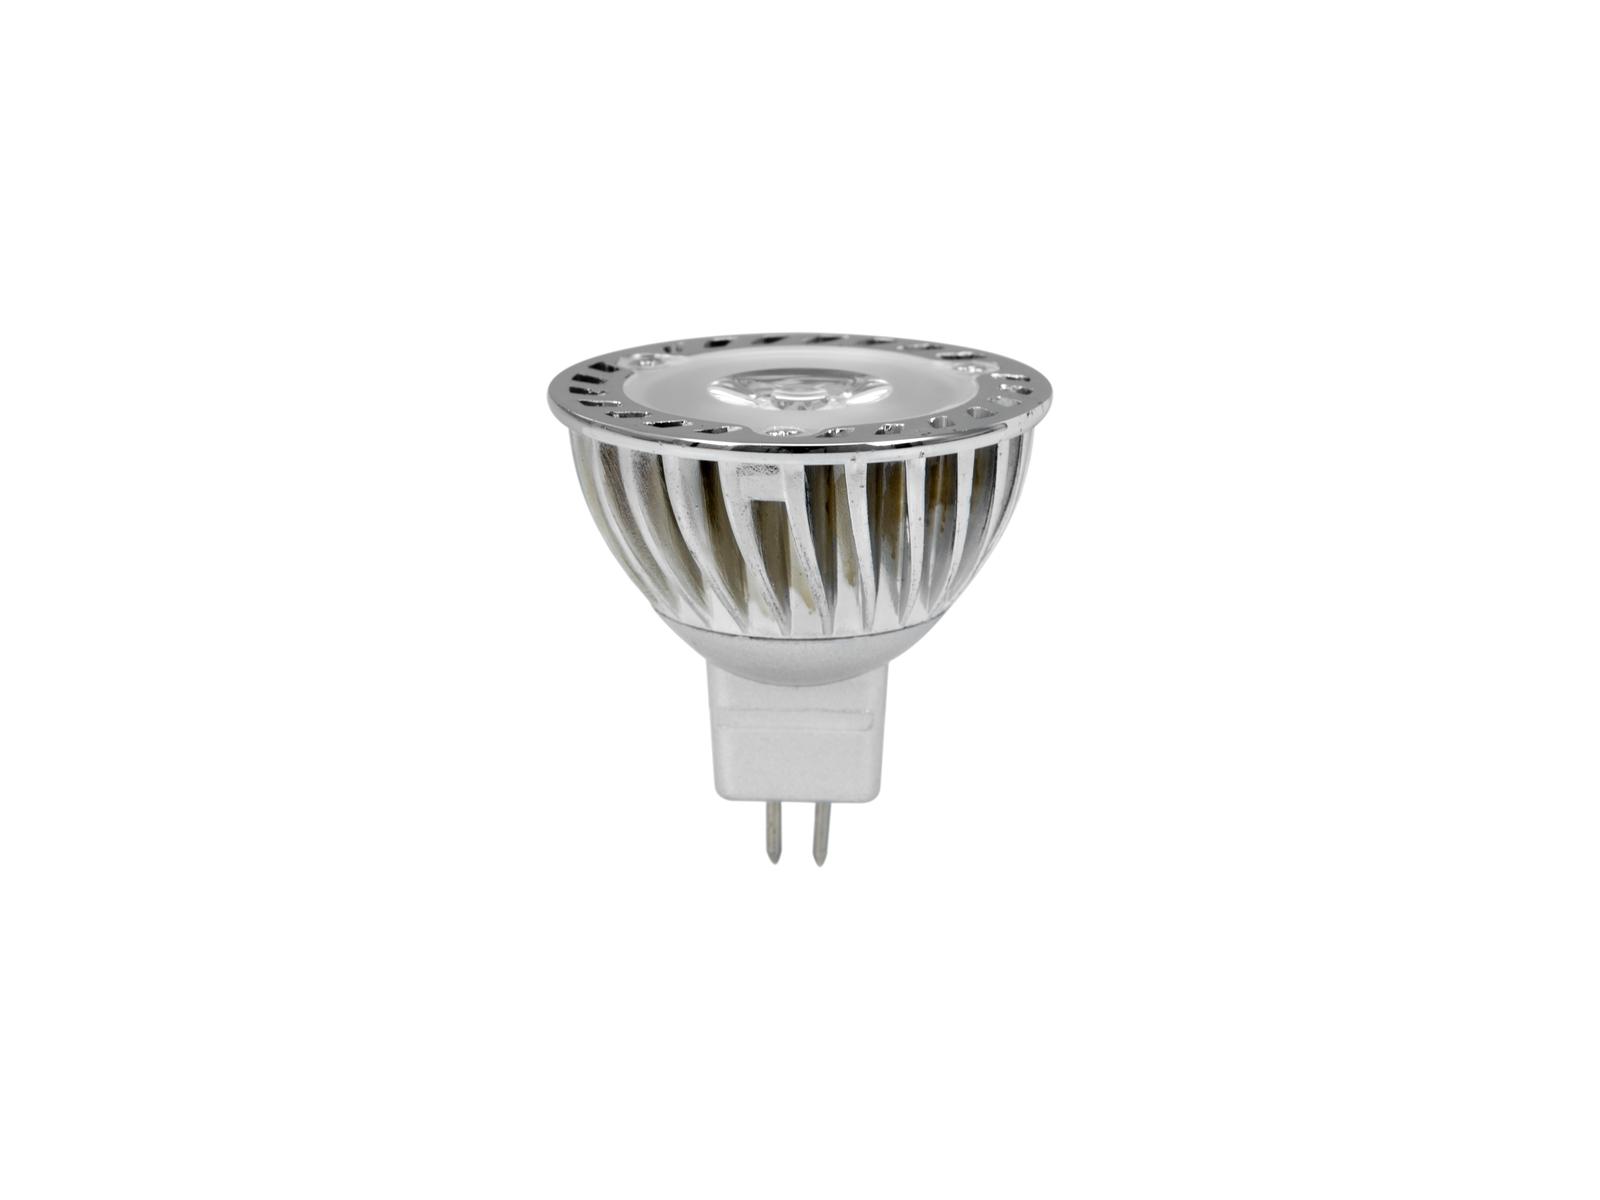 Lampada a led, luce verde MR-16 12V GU-5.3 3W OMNILUX